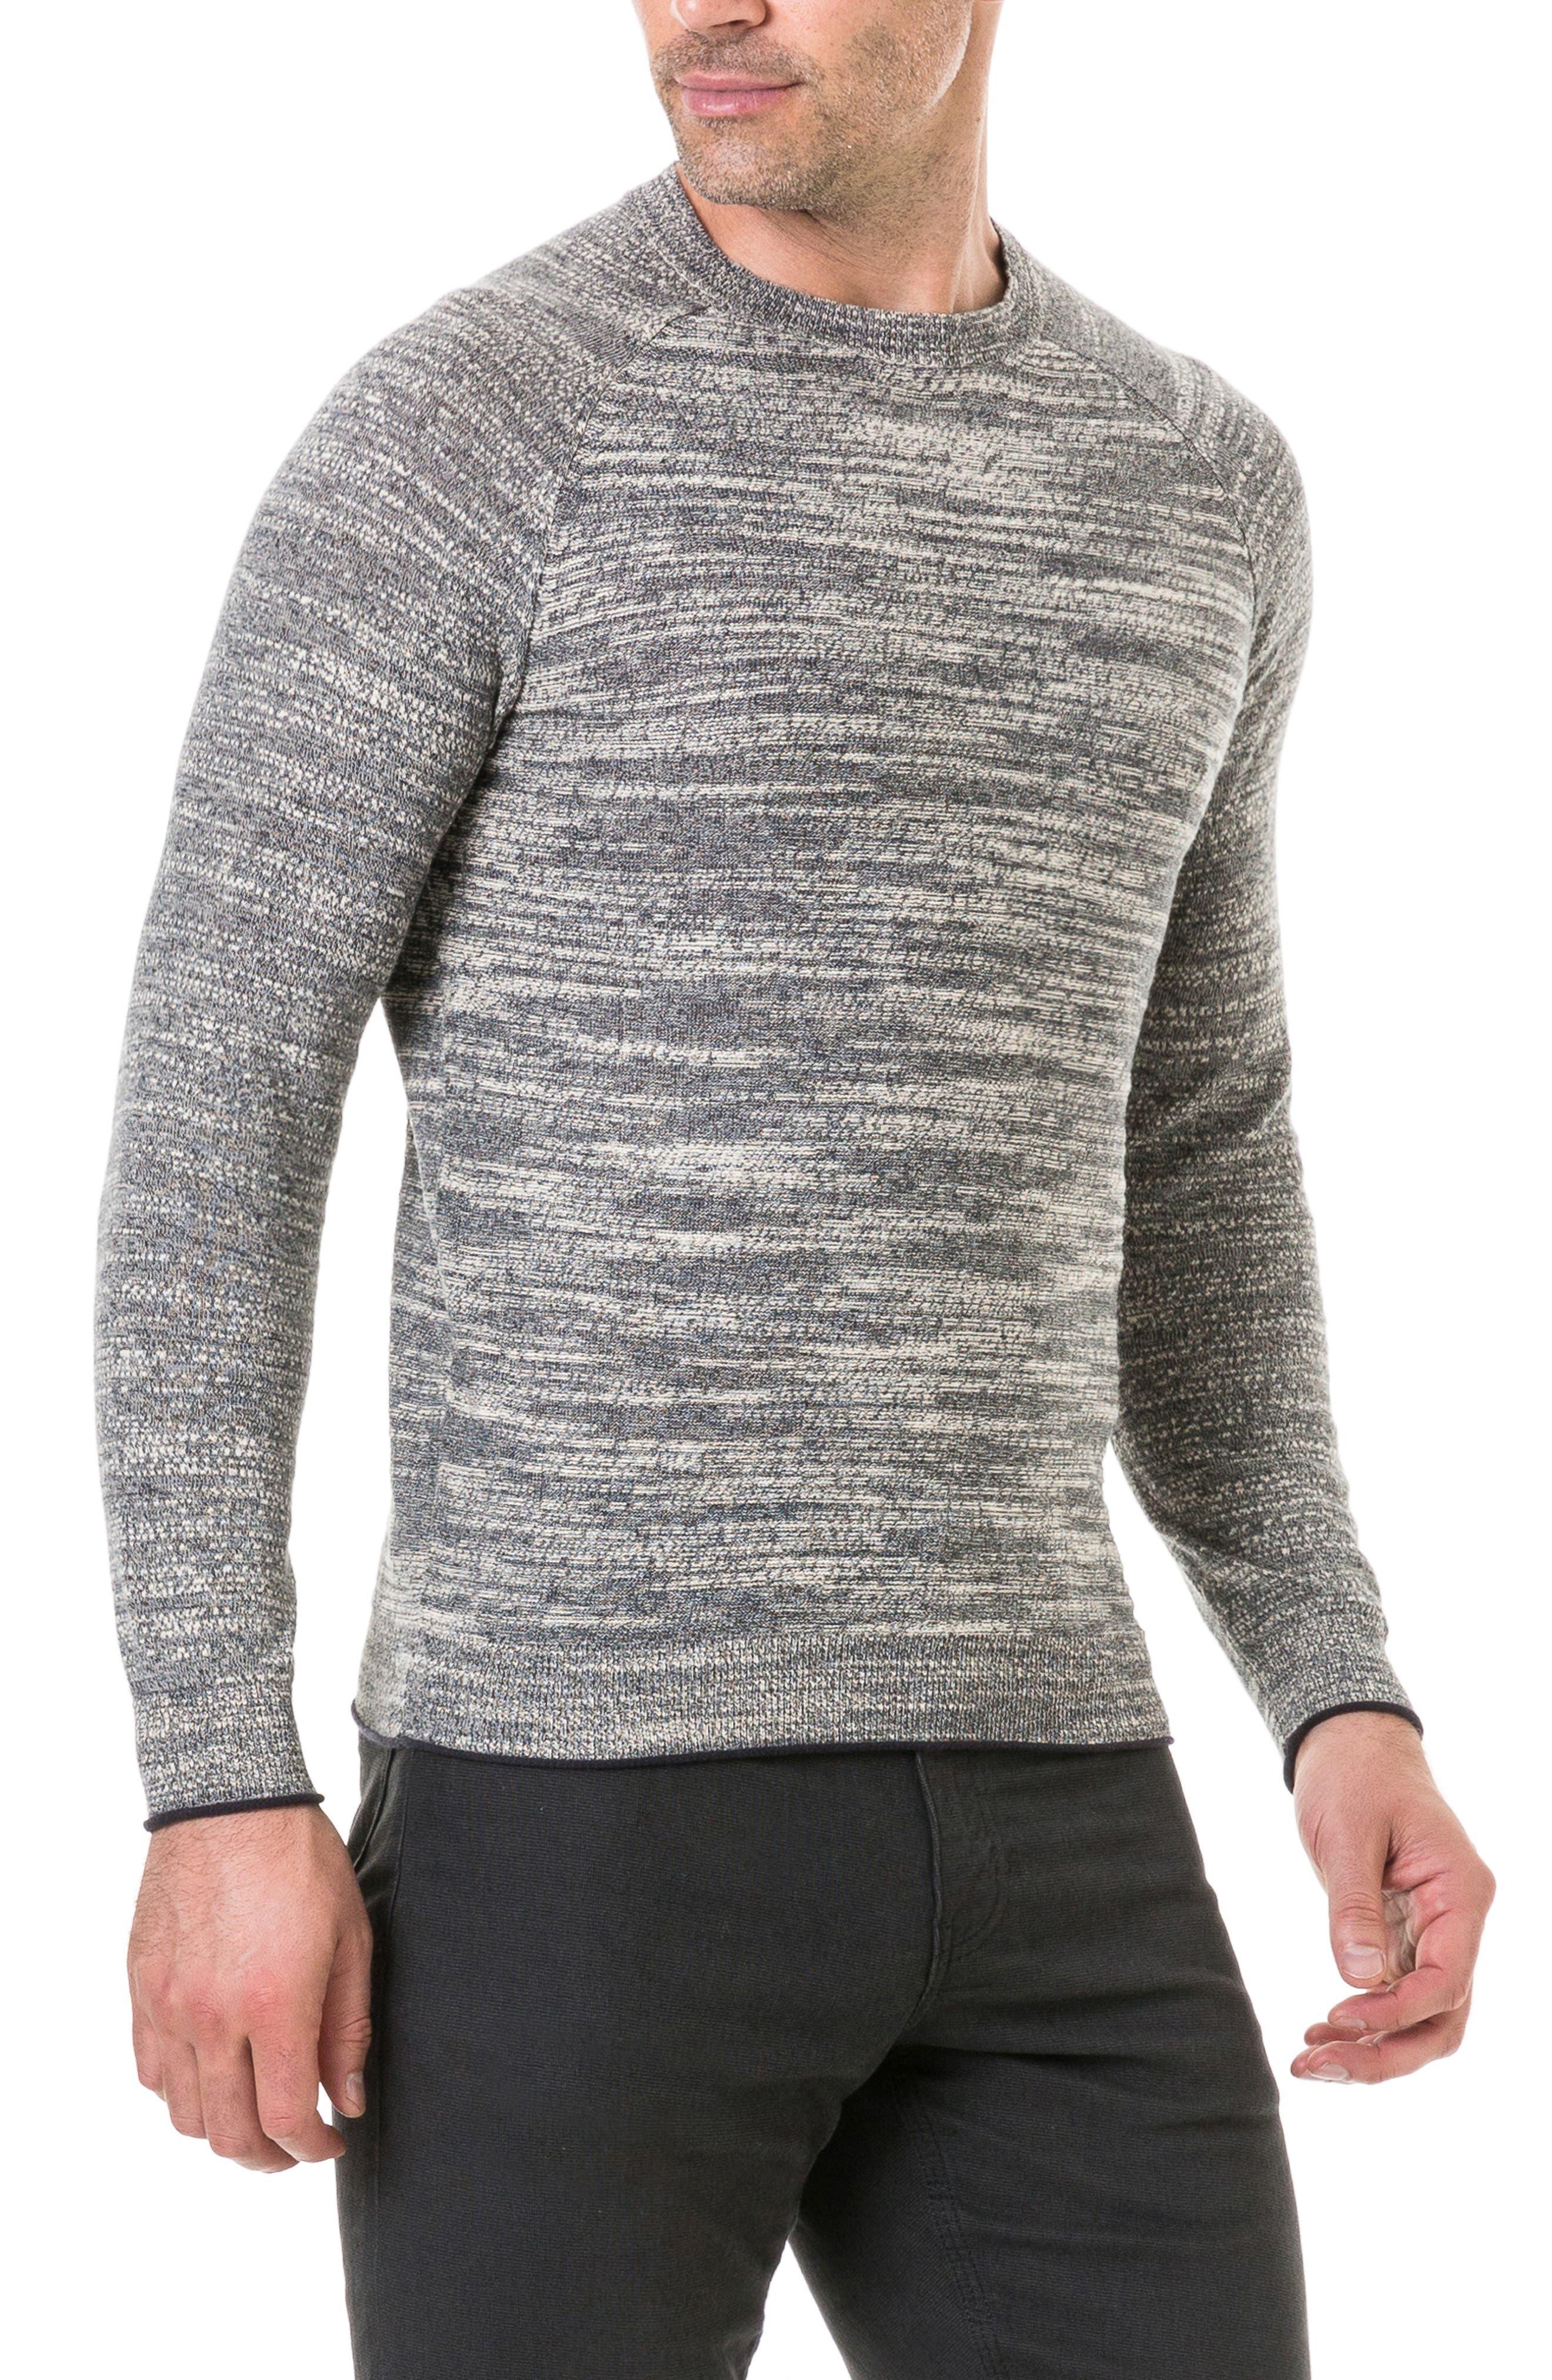 Atley Road Regular Fit Raglan Shirt,                             Alternate thumbnail 3, color,                             GRANITE